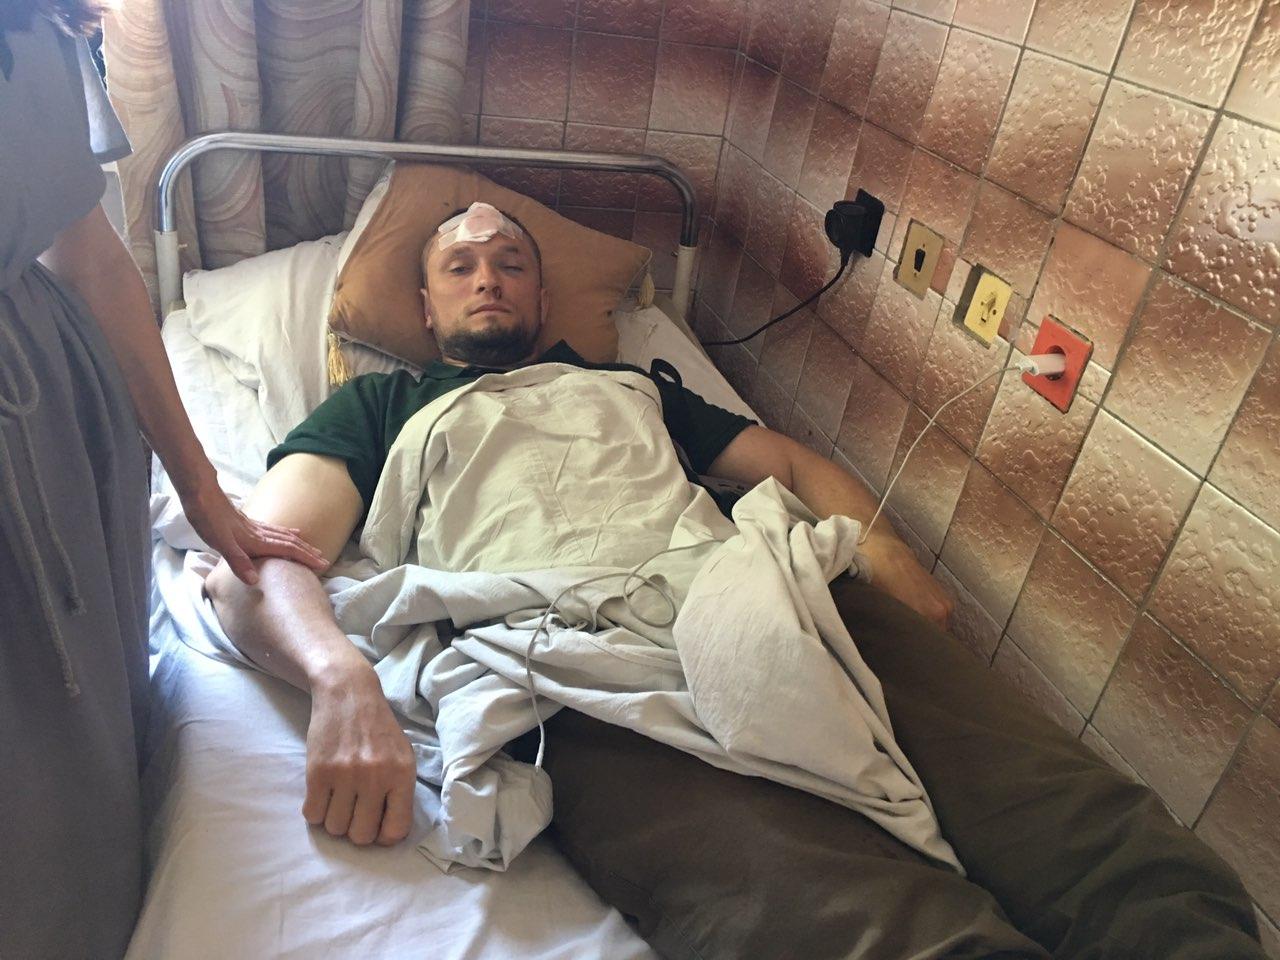 yzobrazhenye_viber_2019-05-23_12-21-292 Залишитися живим: небезпечний парк відпочинку в Броварах